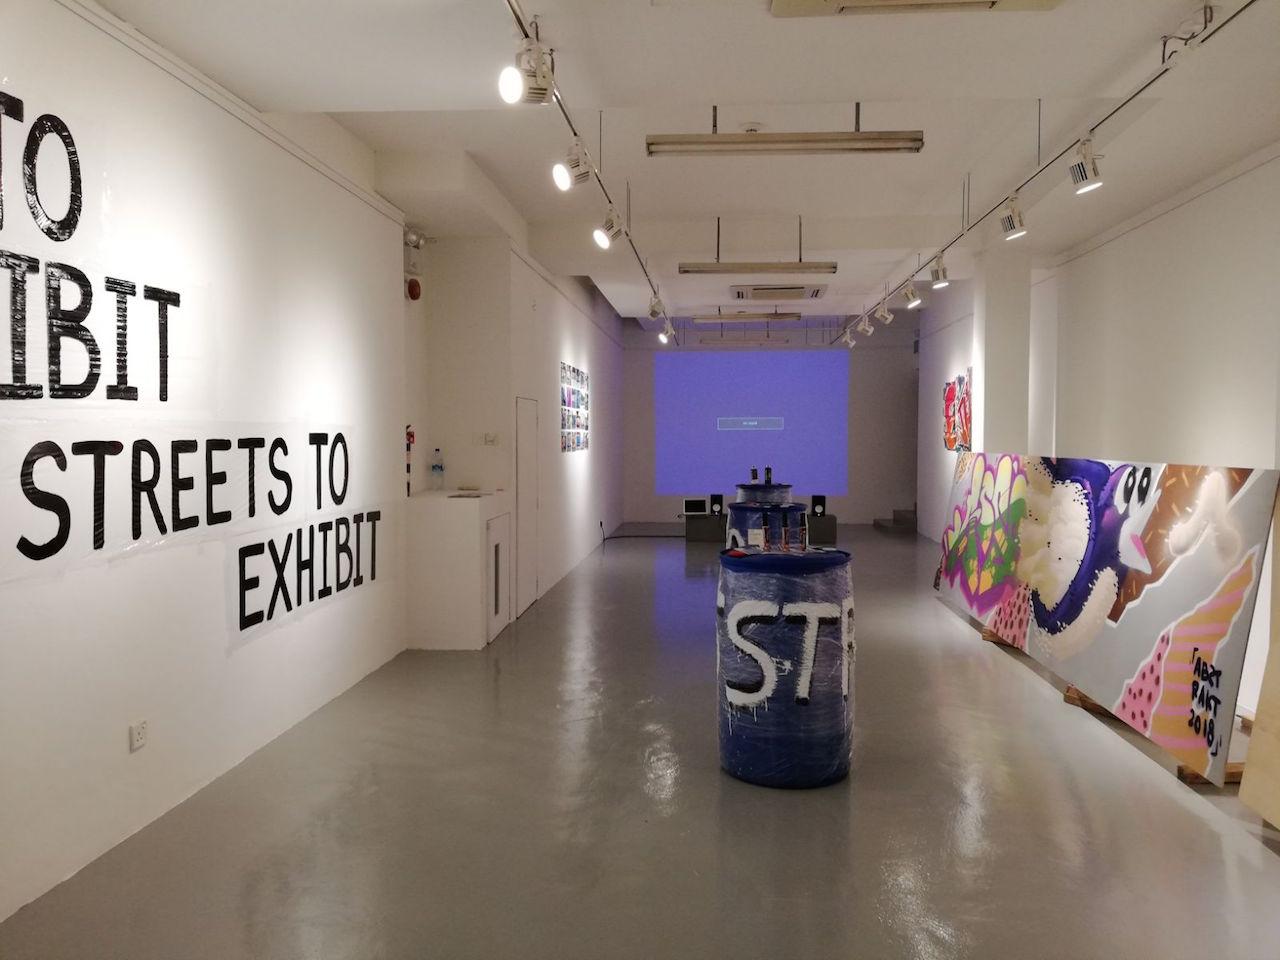 StreetsToExhibit_Exhibition1.JPG